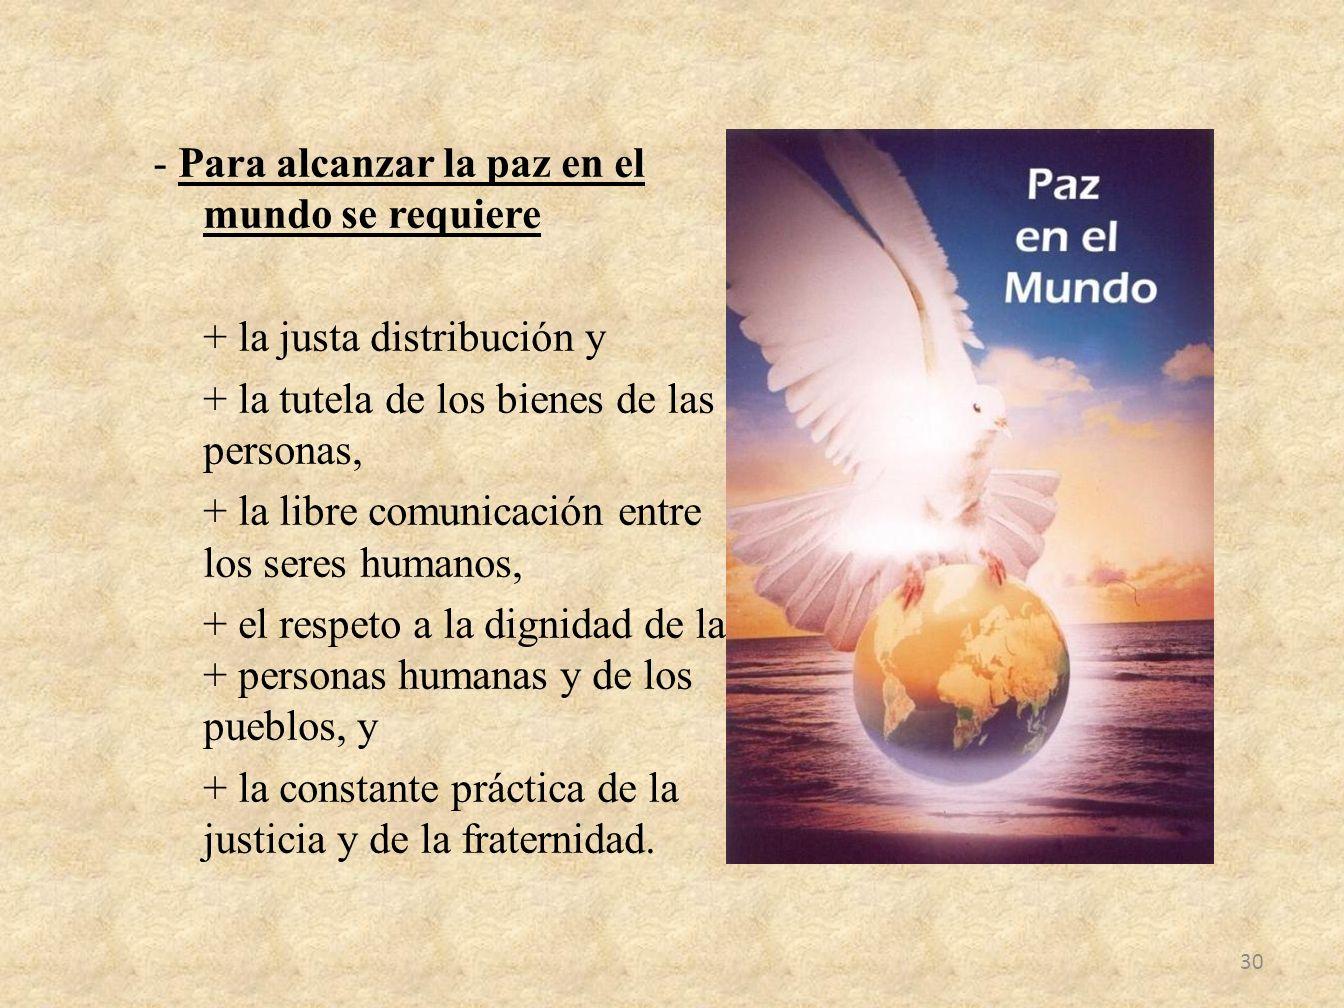 - Para alcanzar la paz en el mundo se requiere + la justa distribución y + la tutela de los bienes de las personas, + la libre comunicación entre los